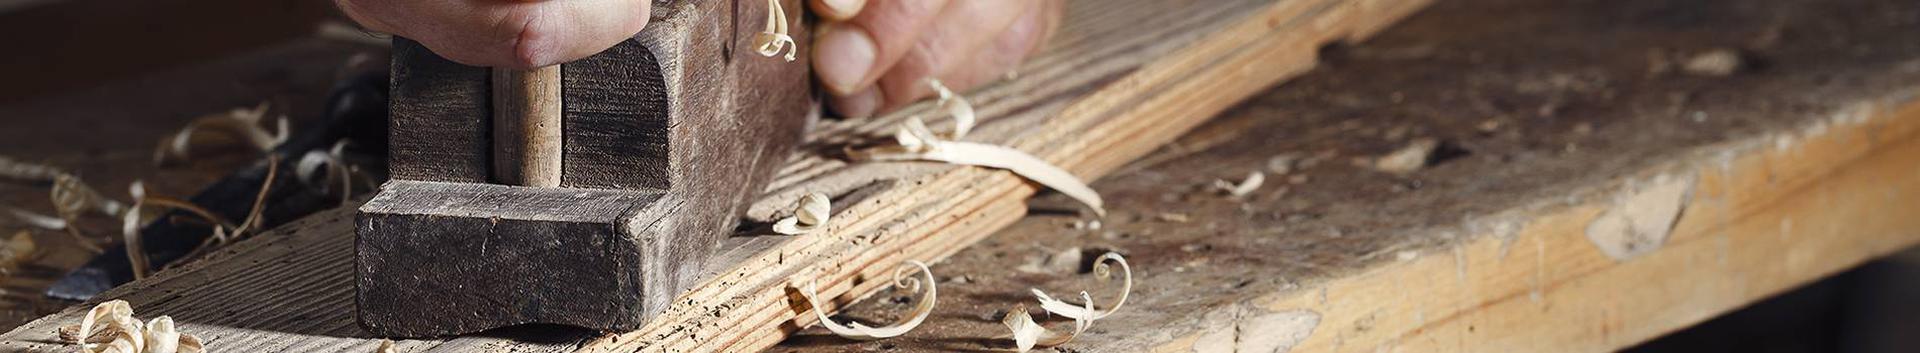 puidu- ja paberitööstus, puidutööstus, saeveskid